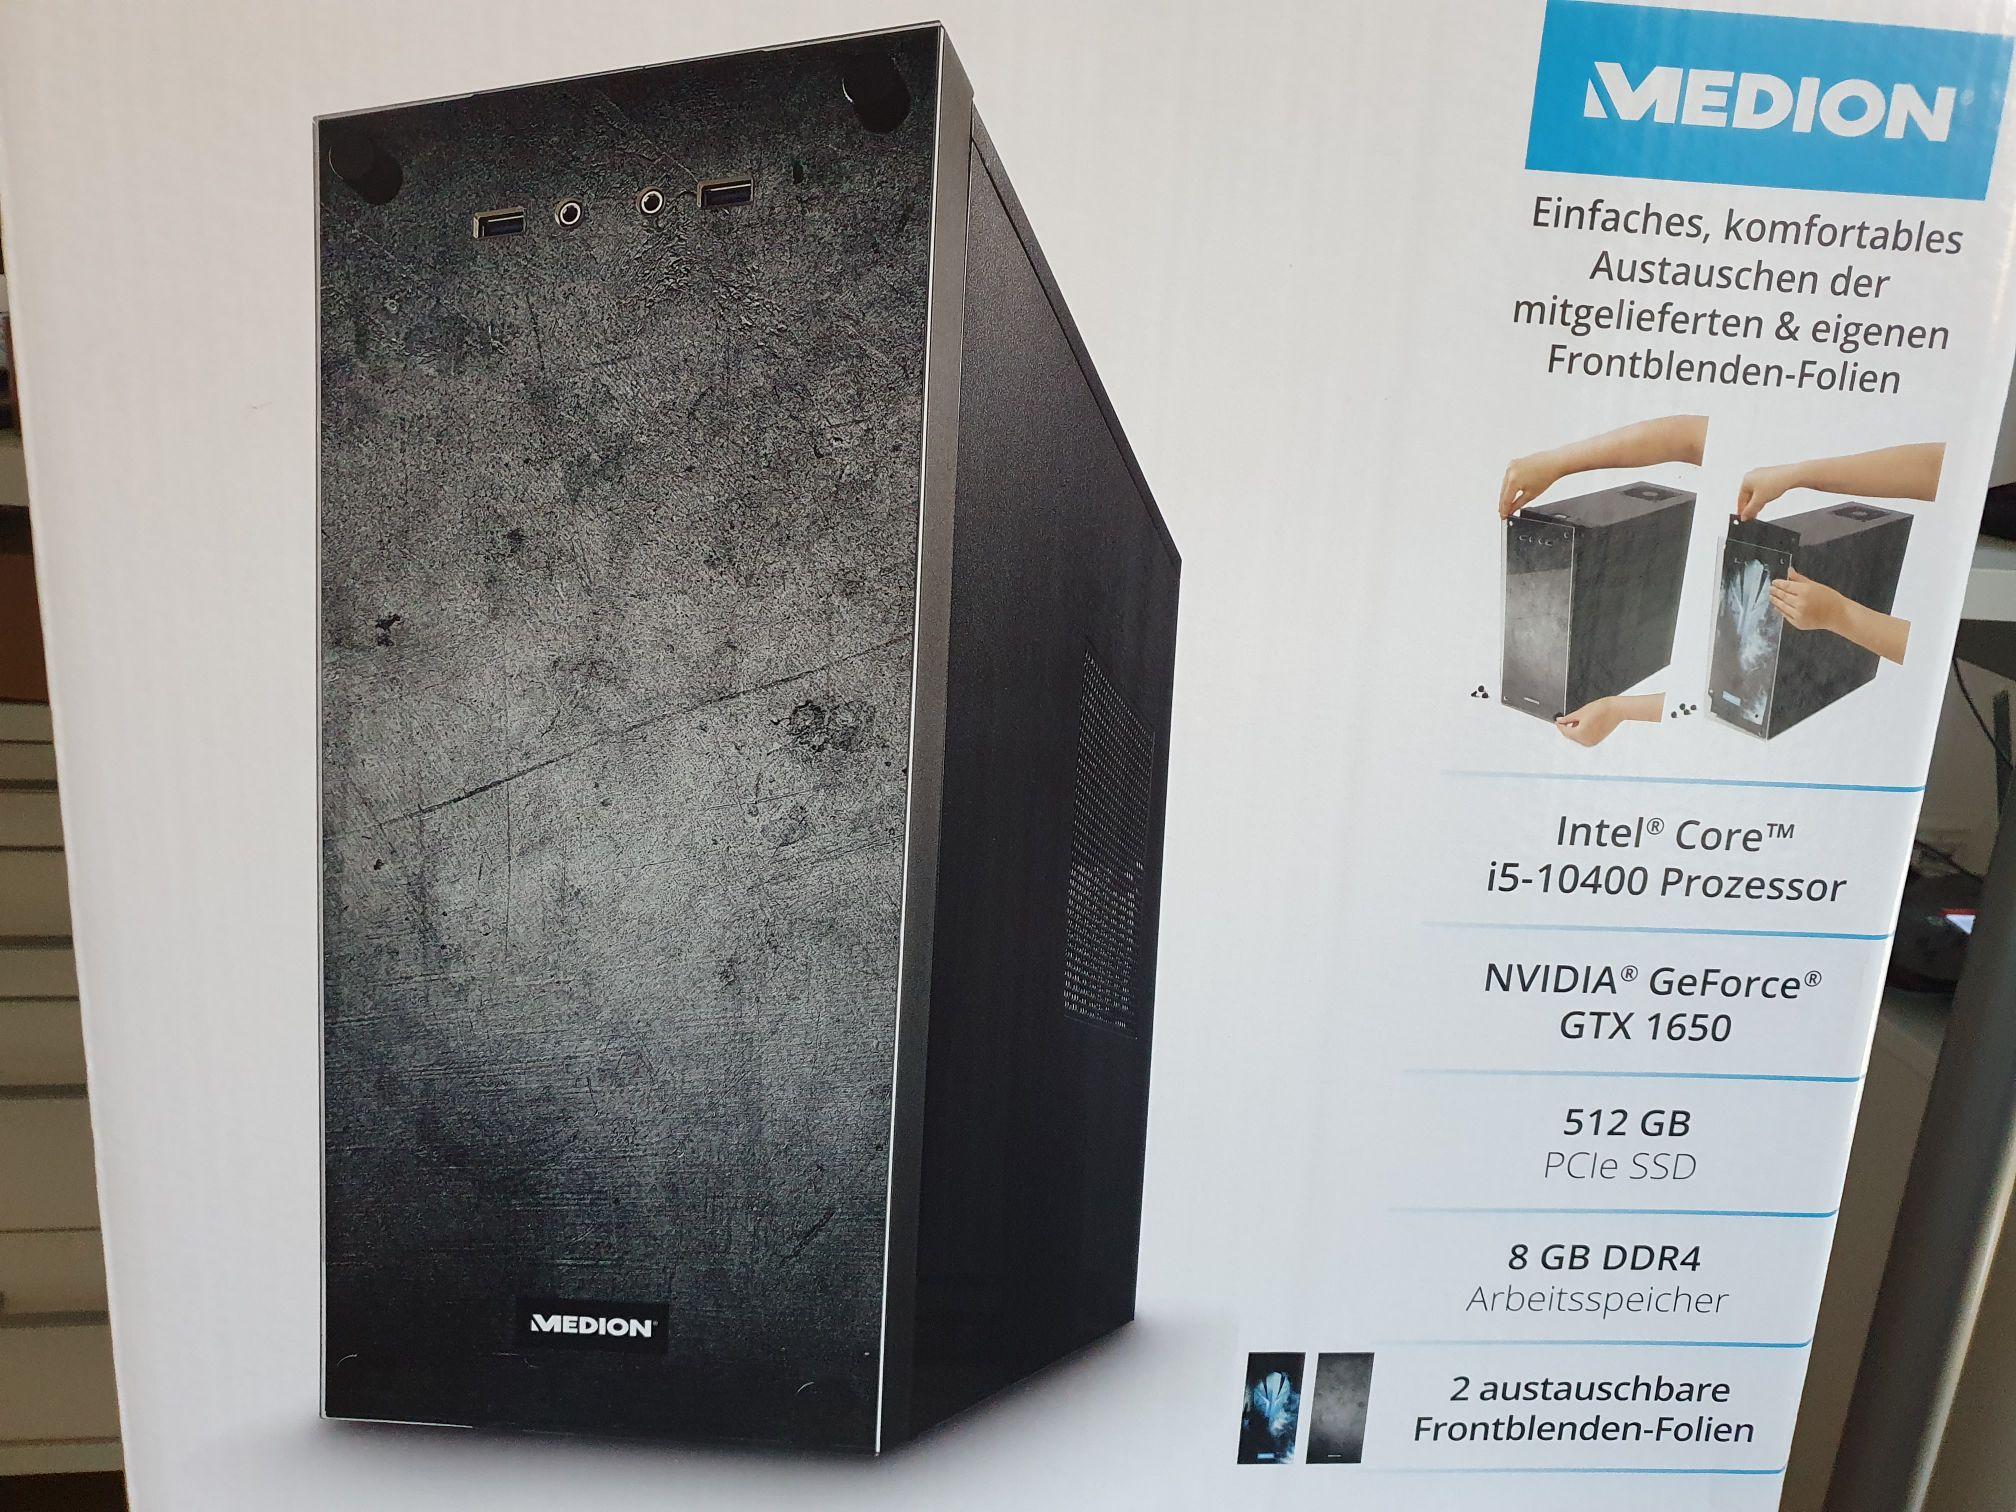 Altenessen Aldi: Medion-PC: i5-10400, GTX 1650, 512 GB SSD, 8 GB RAM für 400 Euro